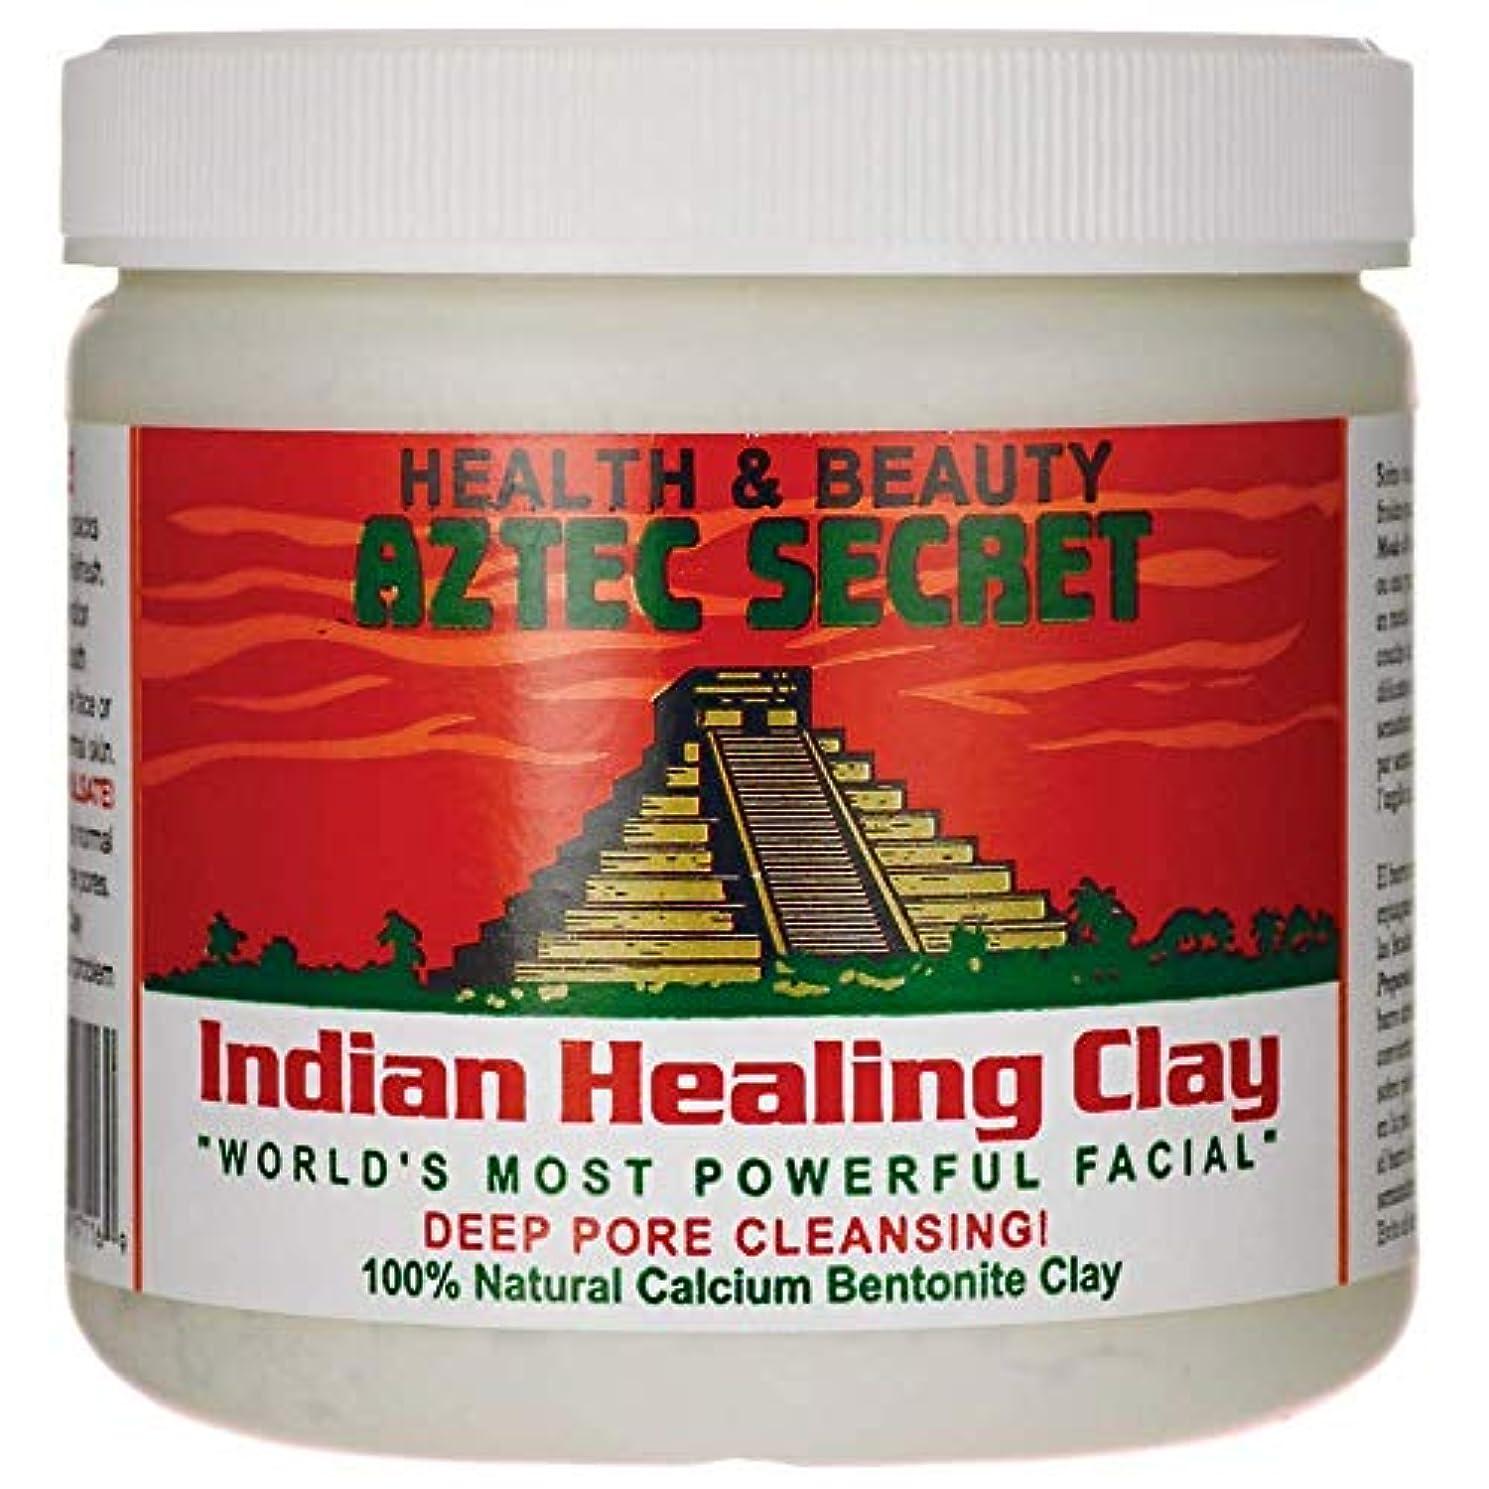 Aztec Secret 1 Lbをオリジナルの100%天然カルシウムベントナイト粘土をマスクディープポアクレンジング?フェイシャル&ボディヒーリング 1ポンド